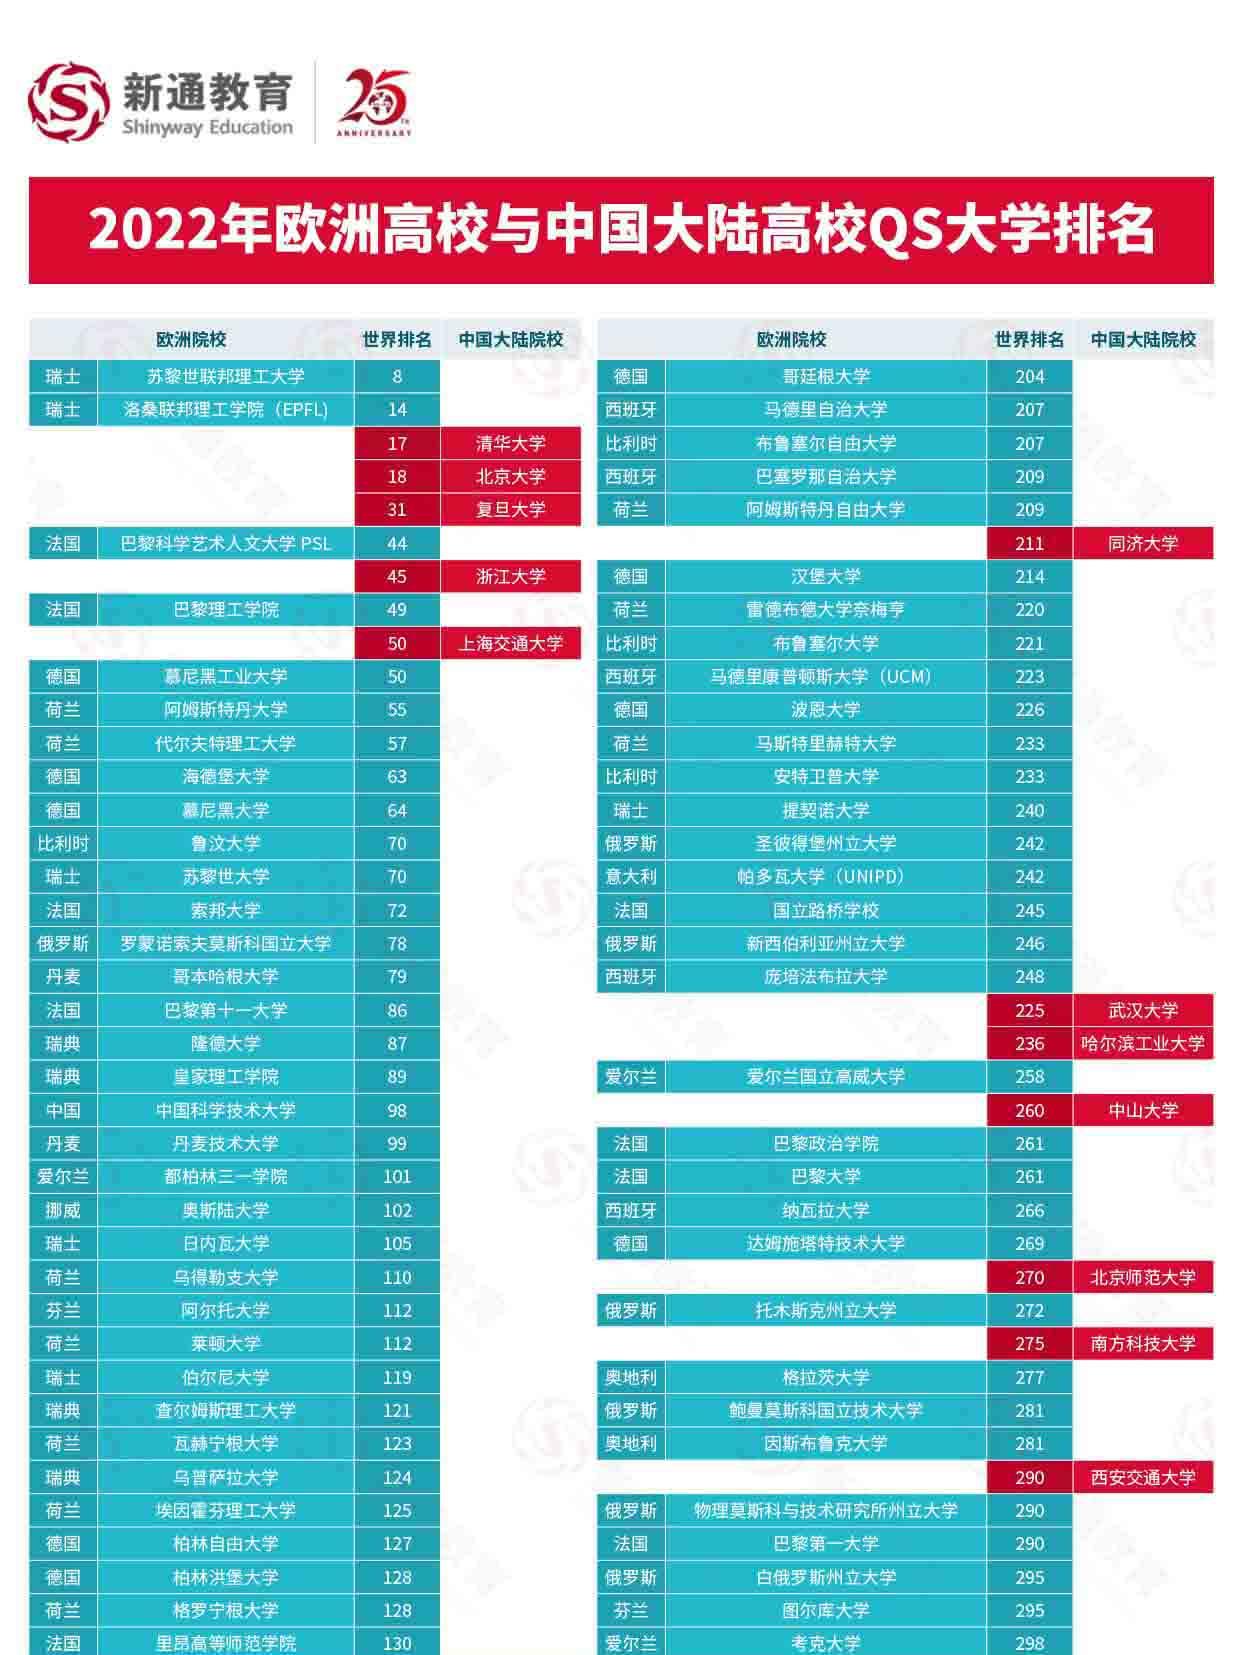 2022QS世界大学排名解析:中国大陆高校与世界大学排名对比,助力全球志愿填报5